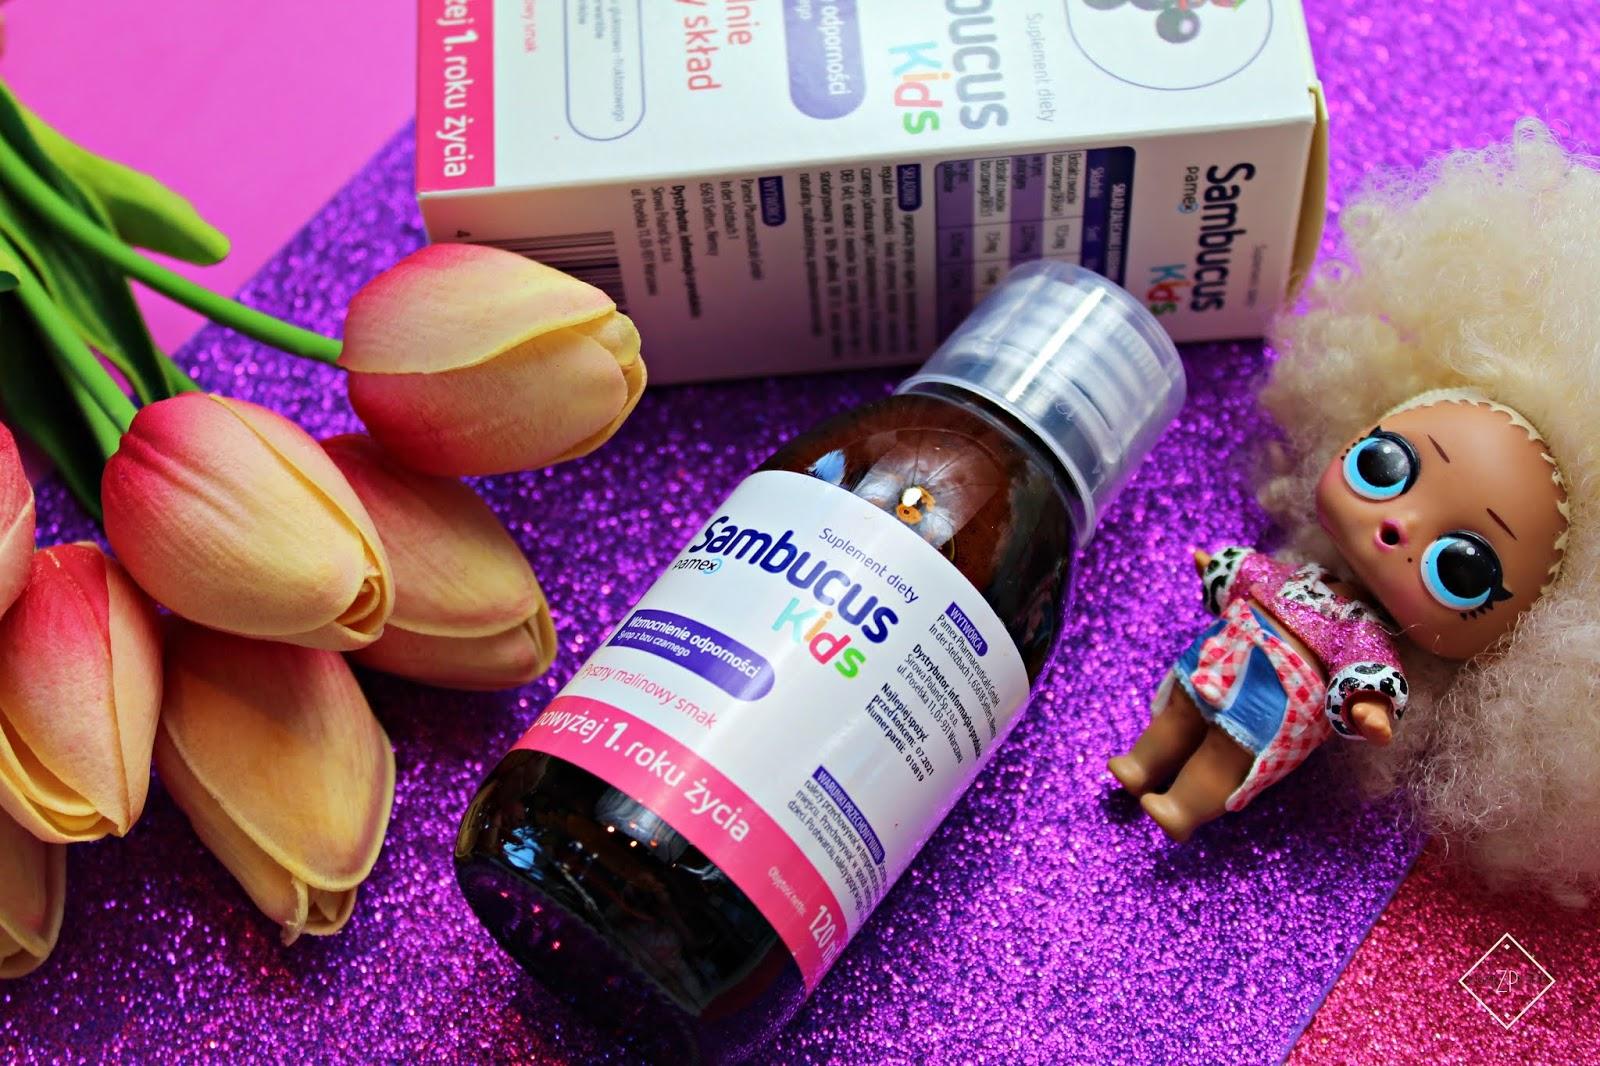 SAMBUCUS KIDS - naturalny syrop z czarnego bzu wspierający odporność dzieci